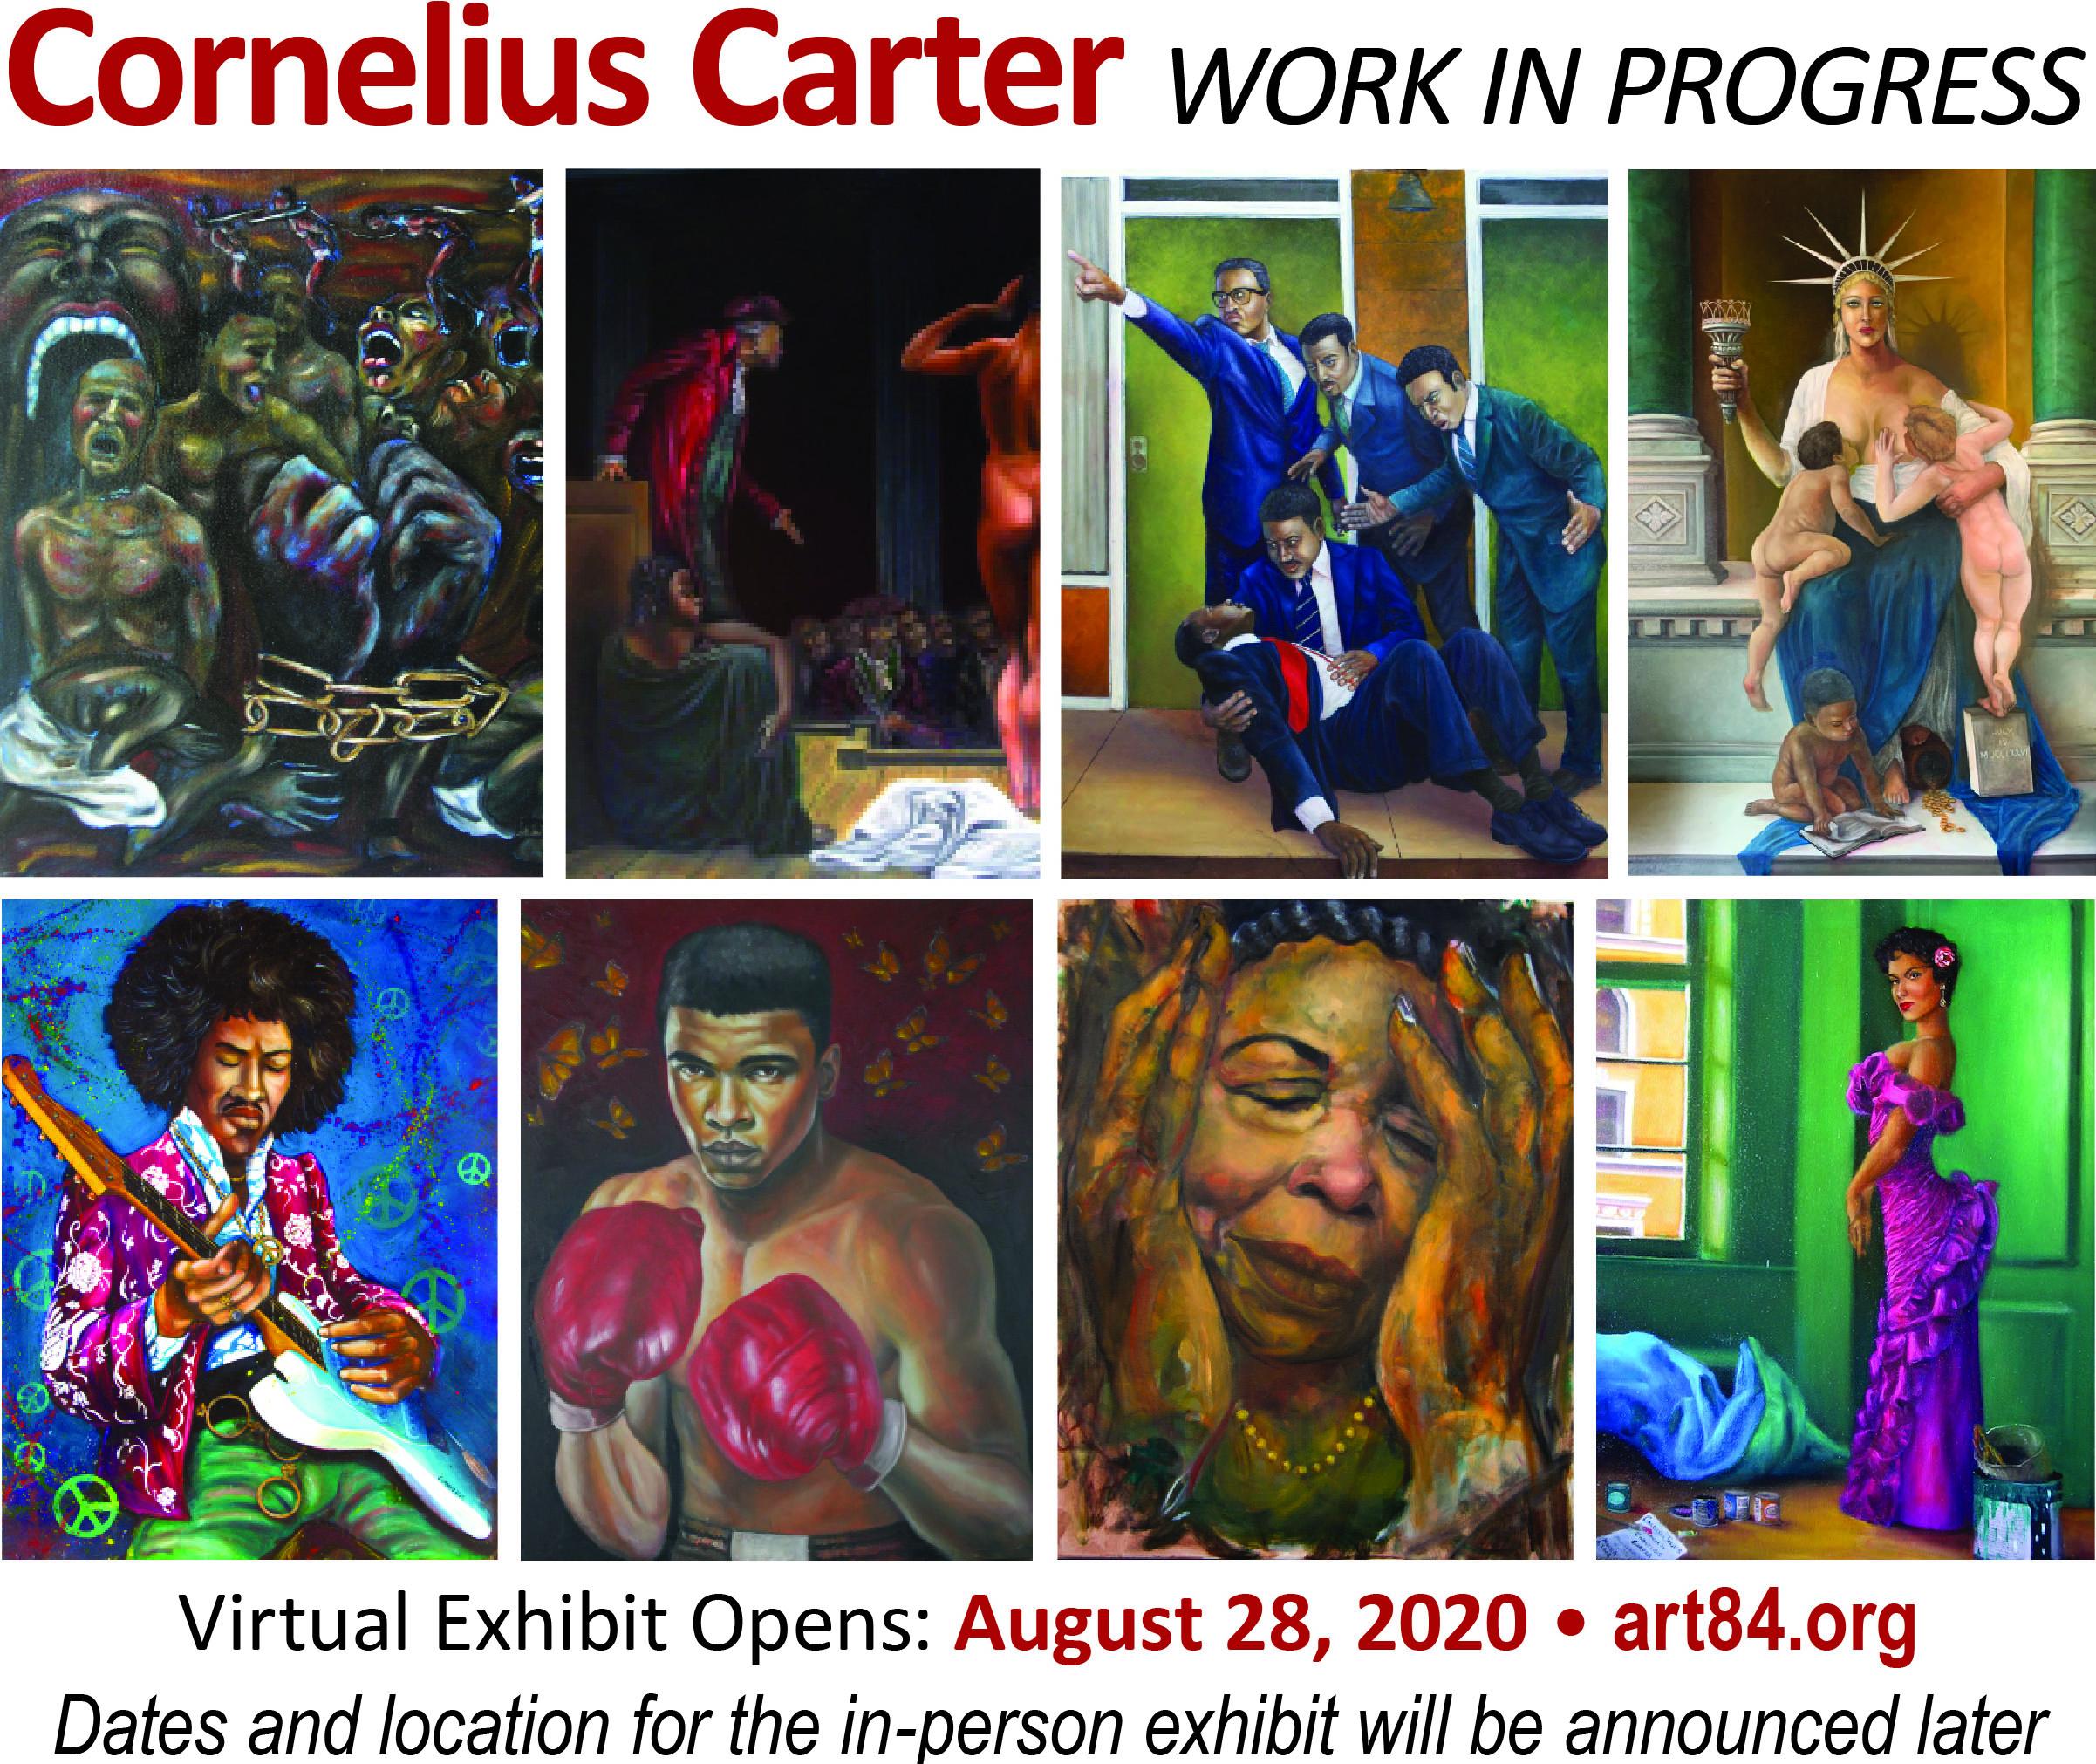 Art 84 C Carter Card 7-22-20 xxlong 2x4 images - 5 - top half 2